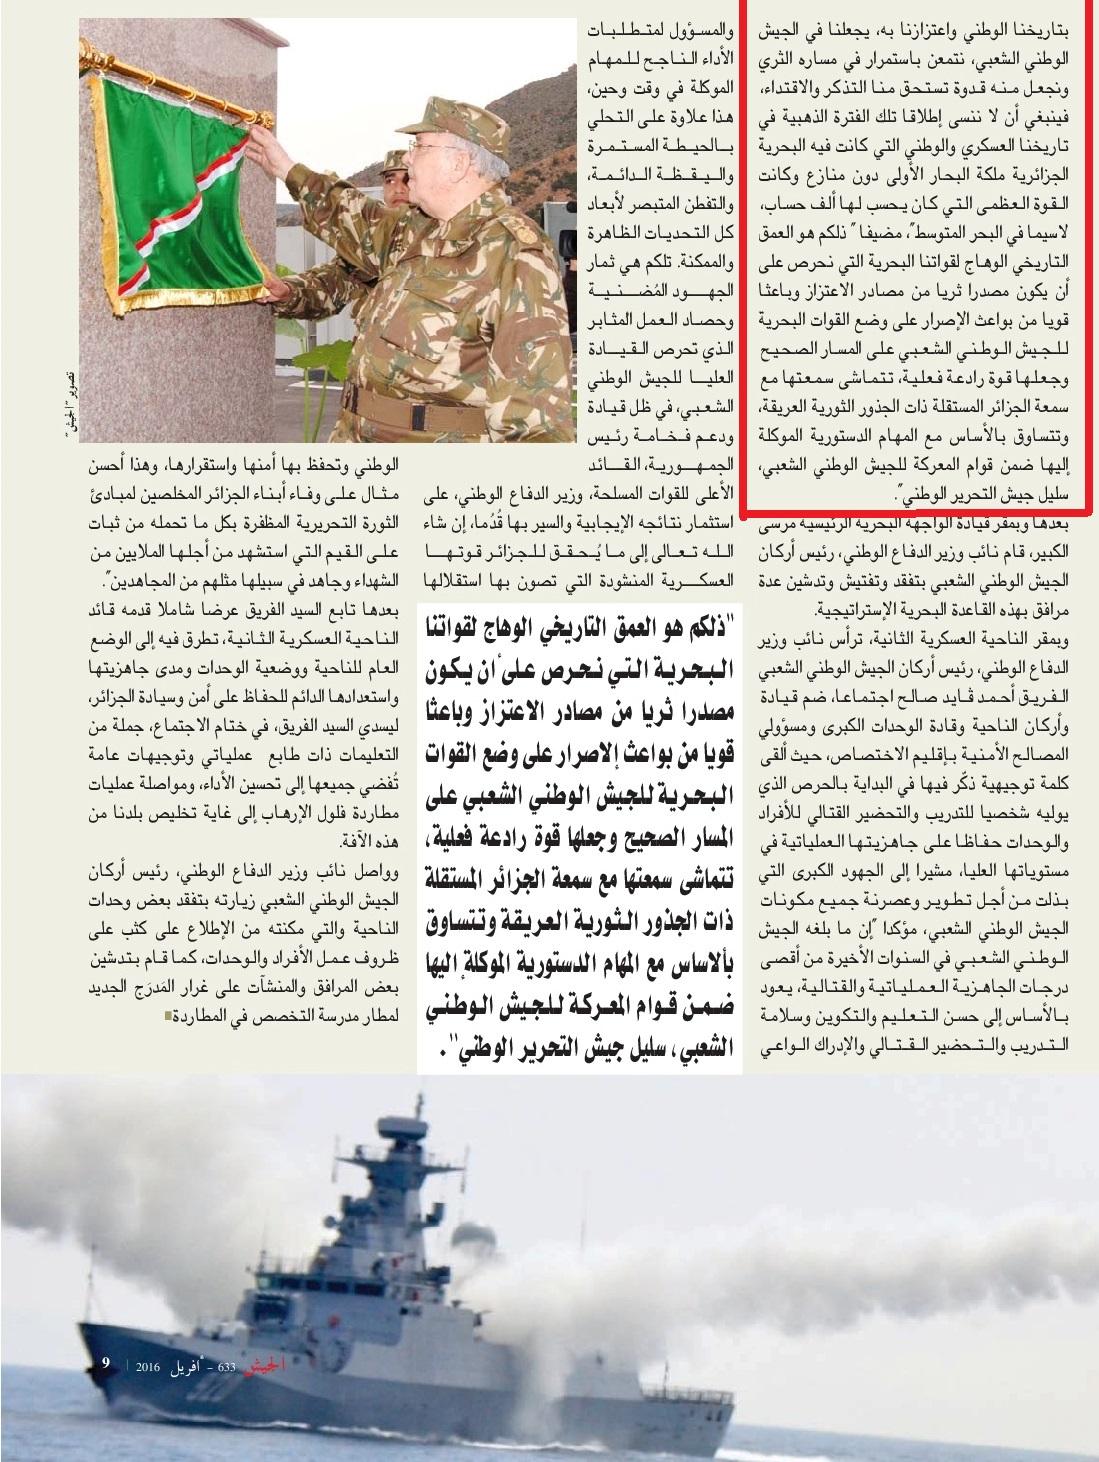 الجزائر تستلم اول كورفيت من اصل ثلاثة كورفيتات الصينية [  C28A / الظافر 920  ] - صفحة 5 26378831001_fb8c6aaf65_o